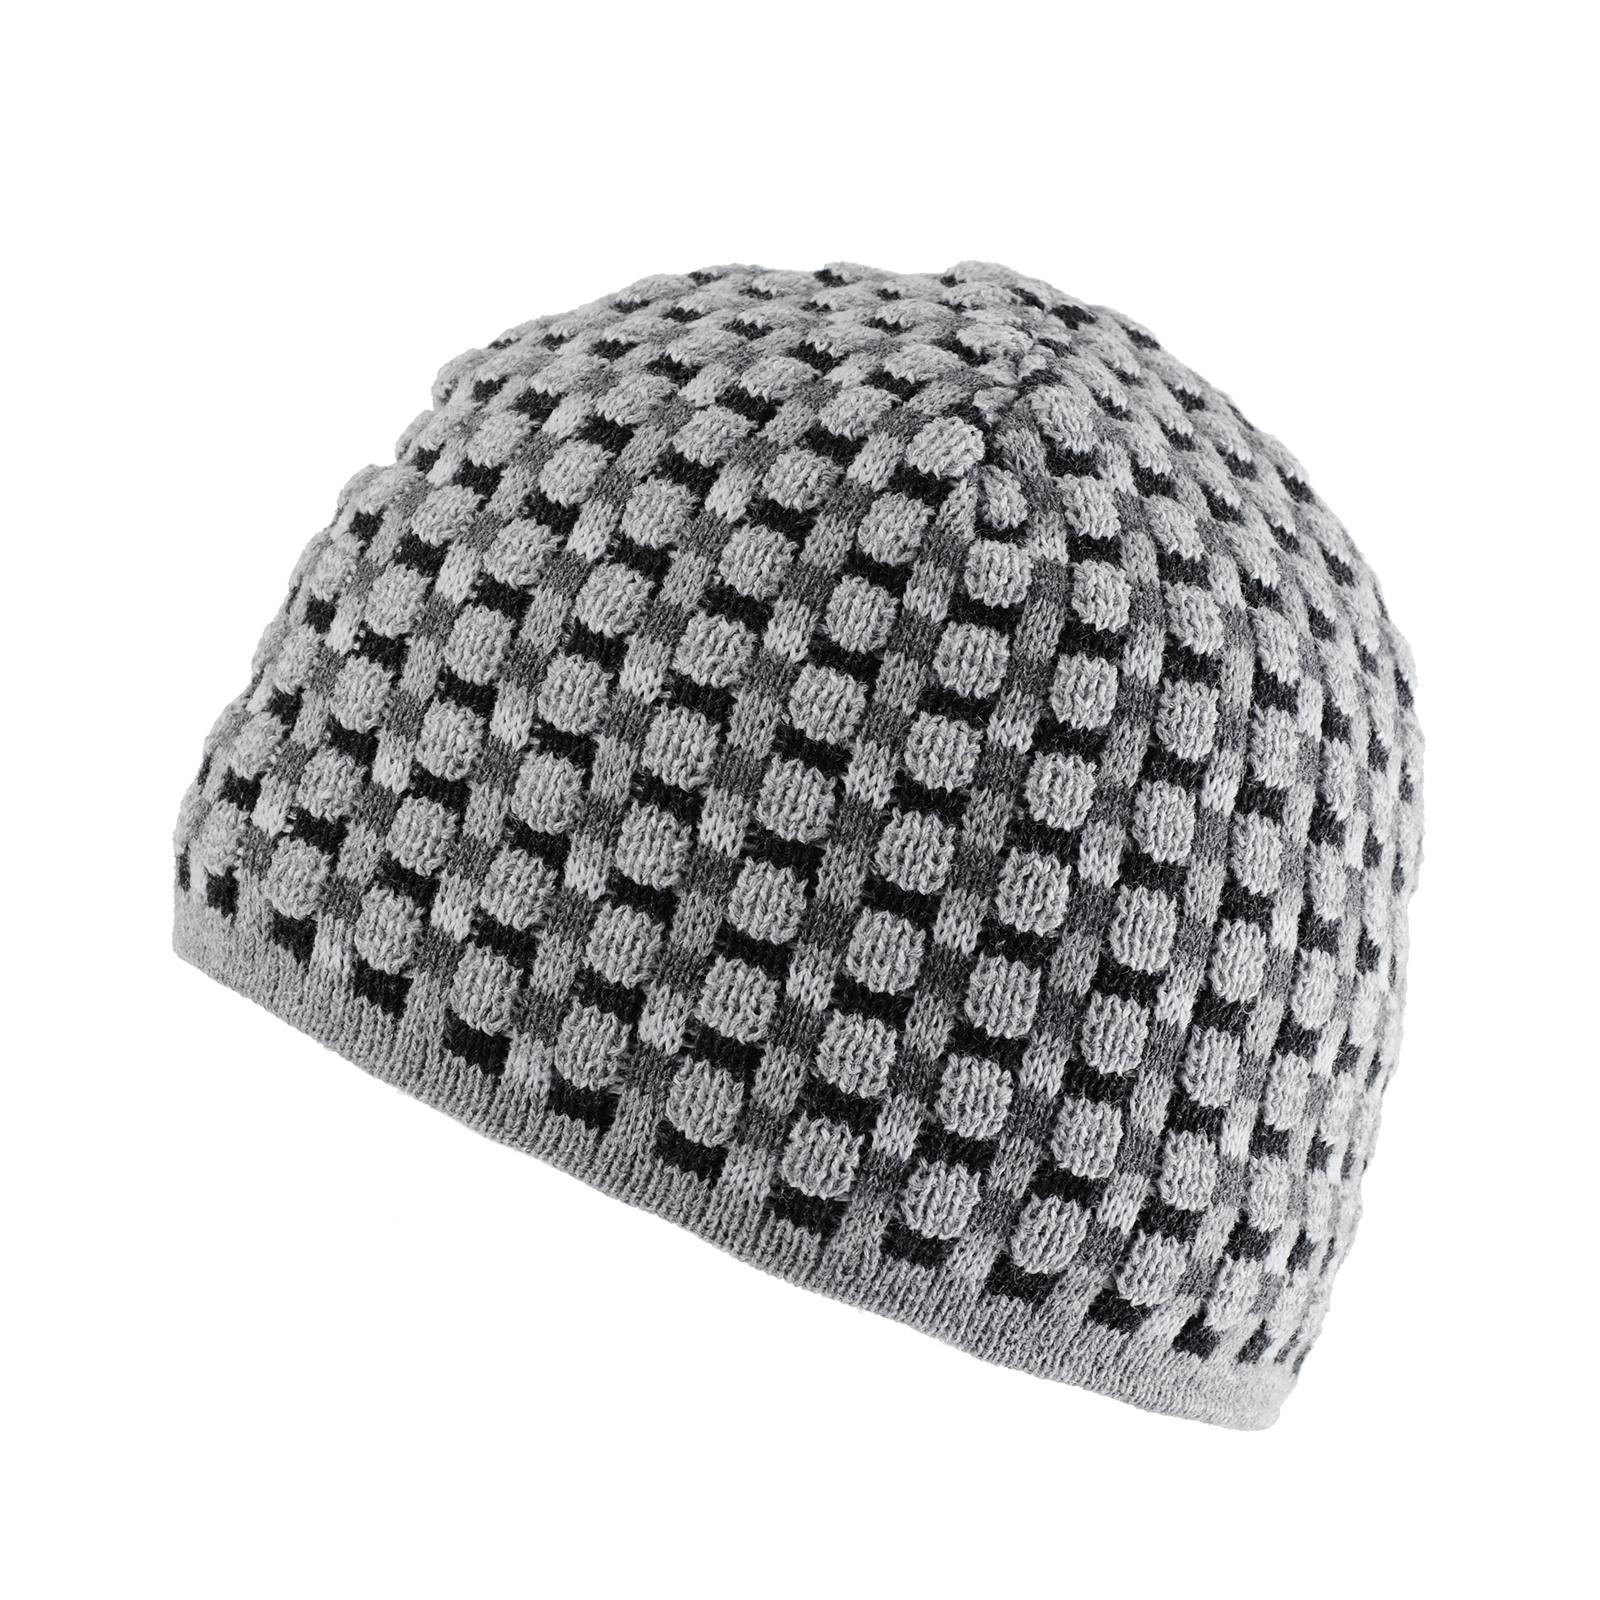 CP-00780-bonnet-court-gris-damier-anthracite-F16